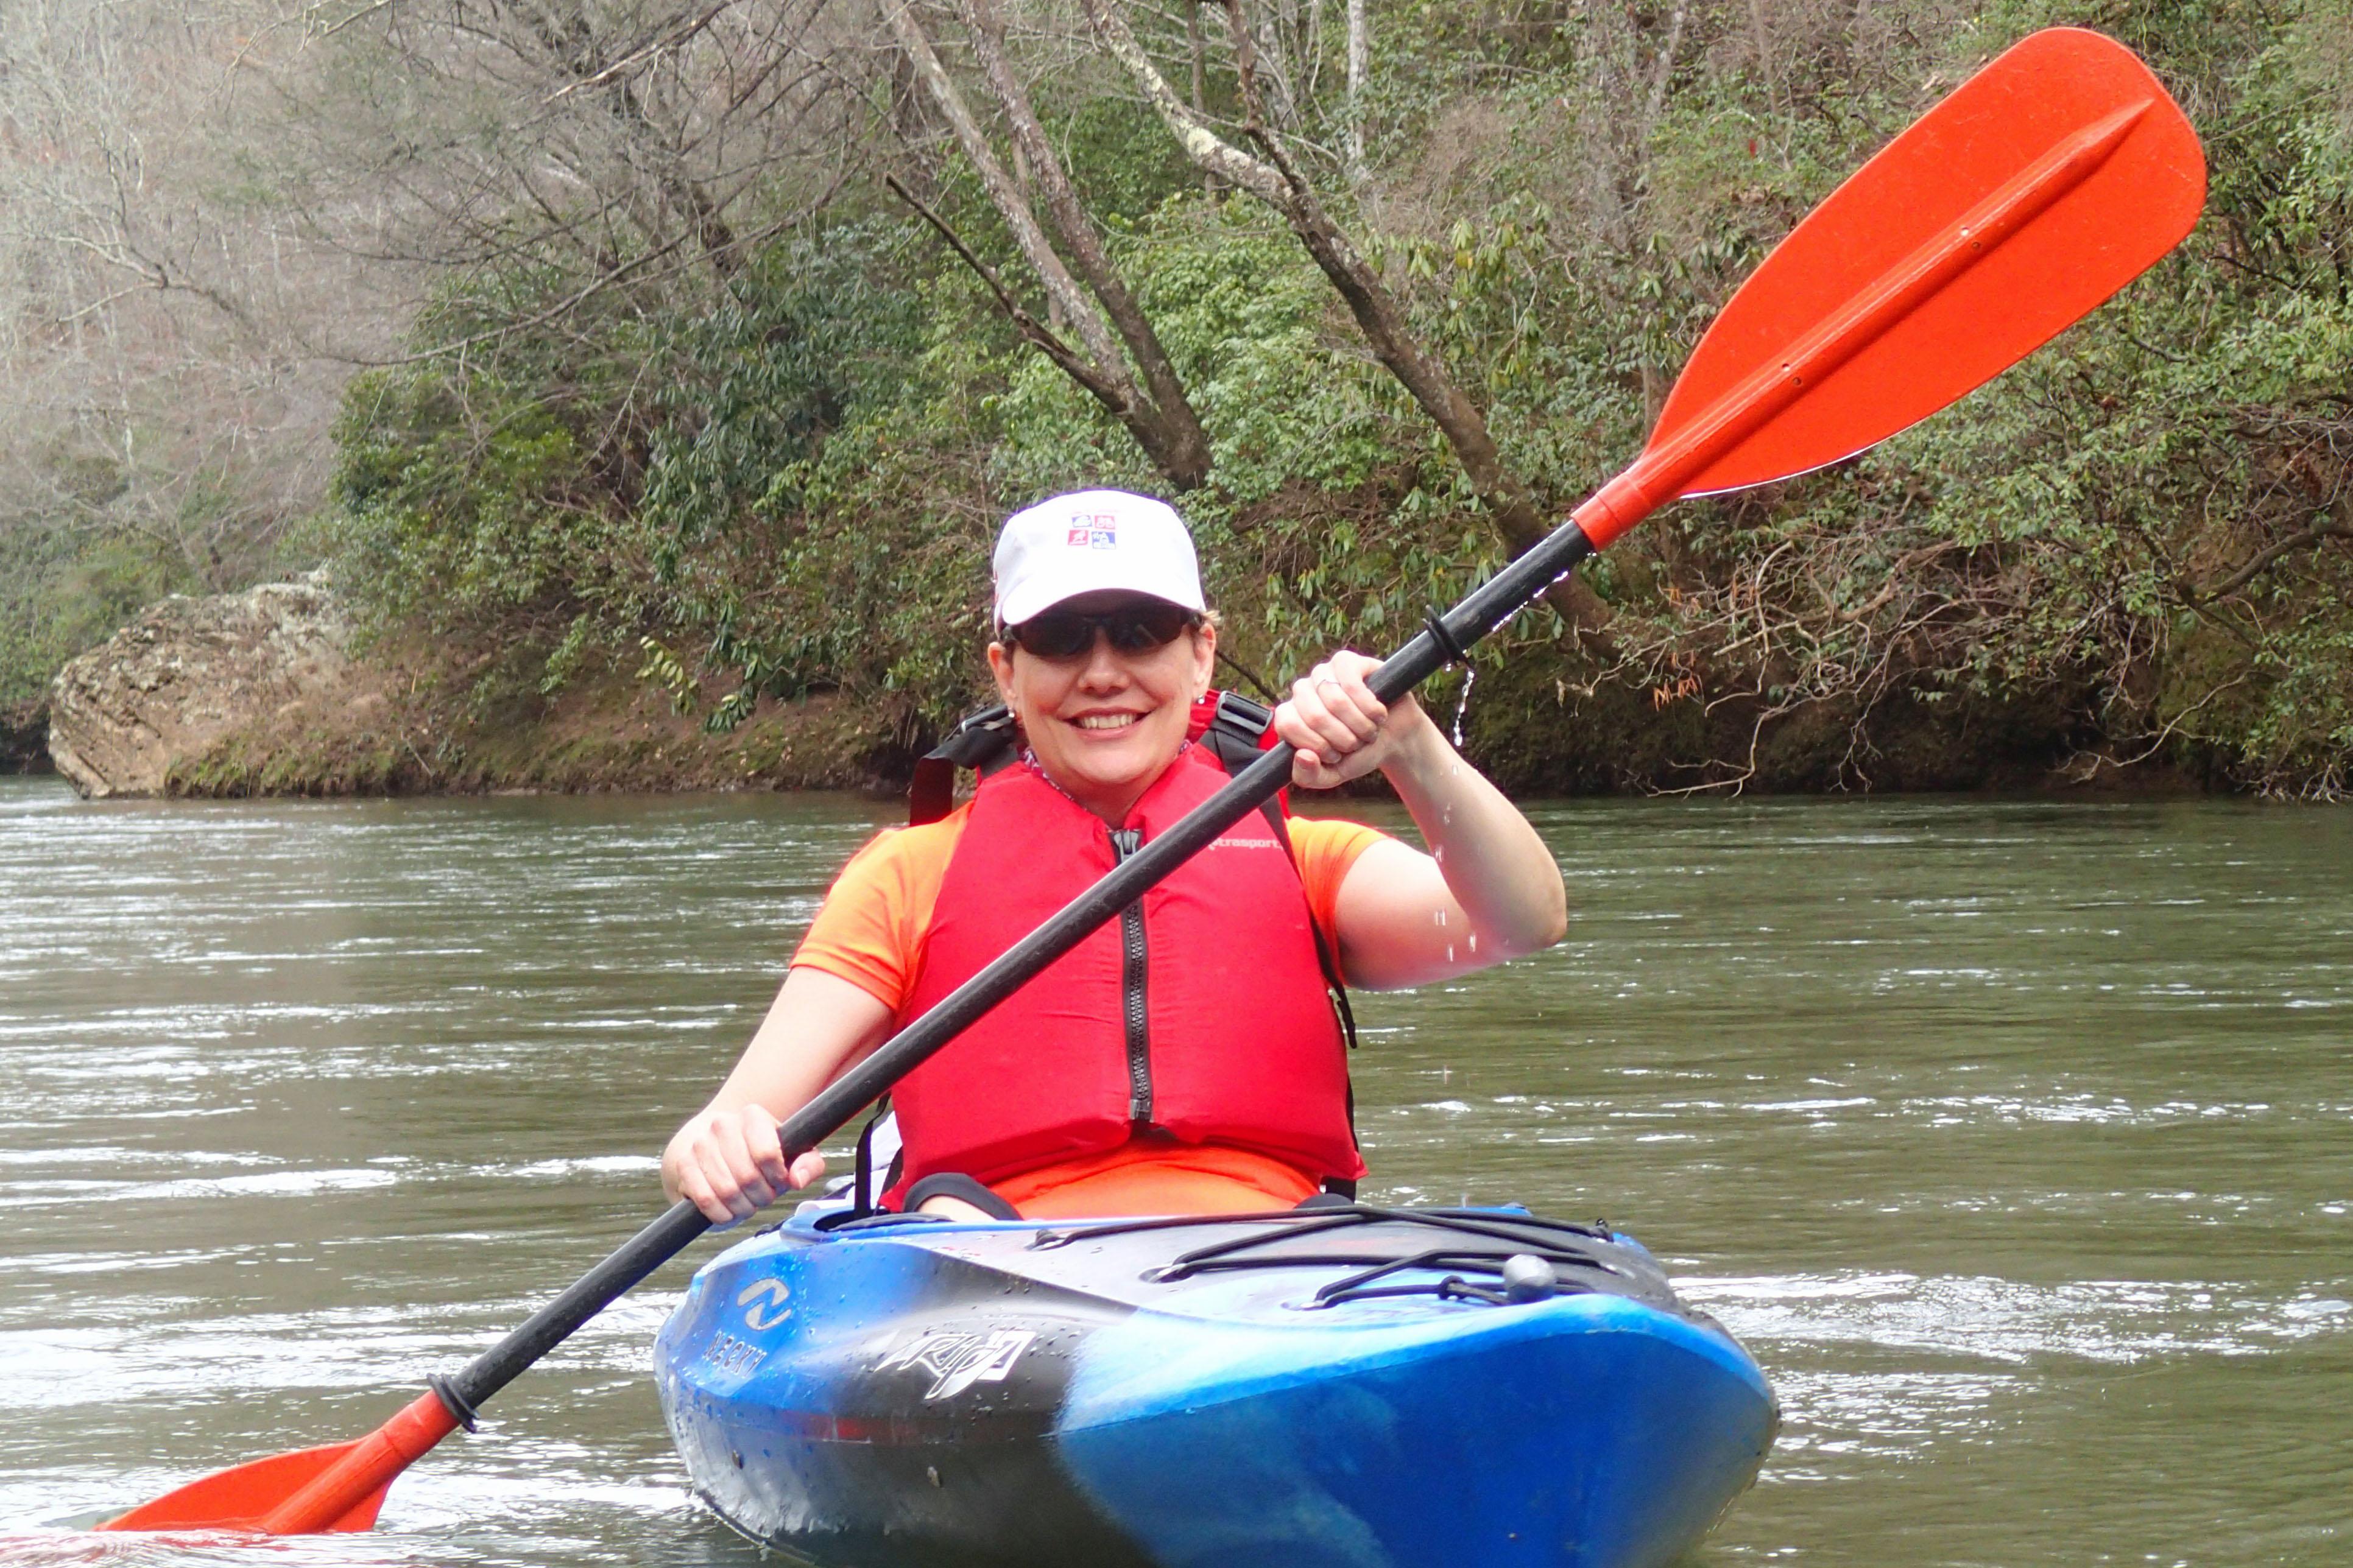 Georgia_kayaking